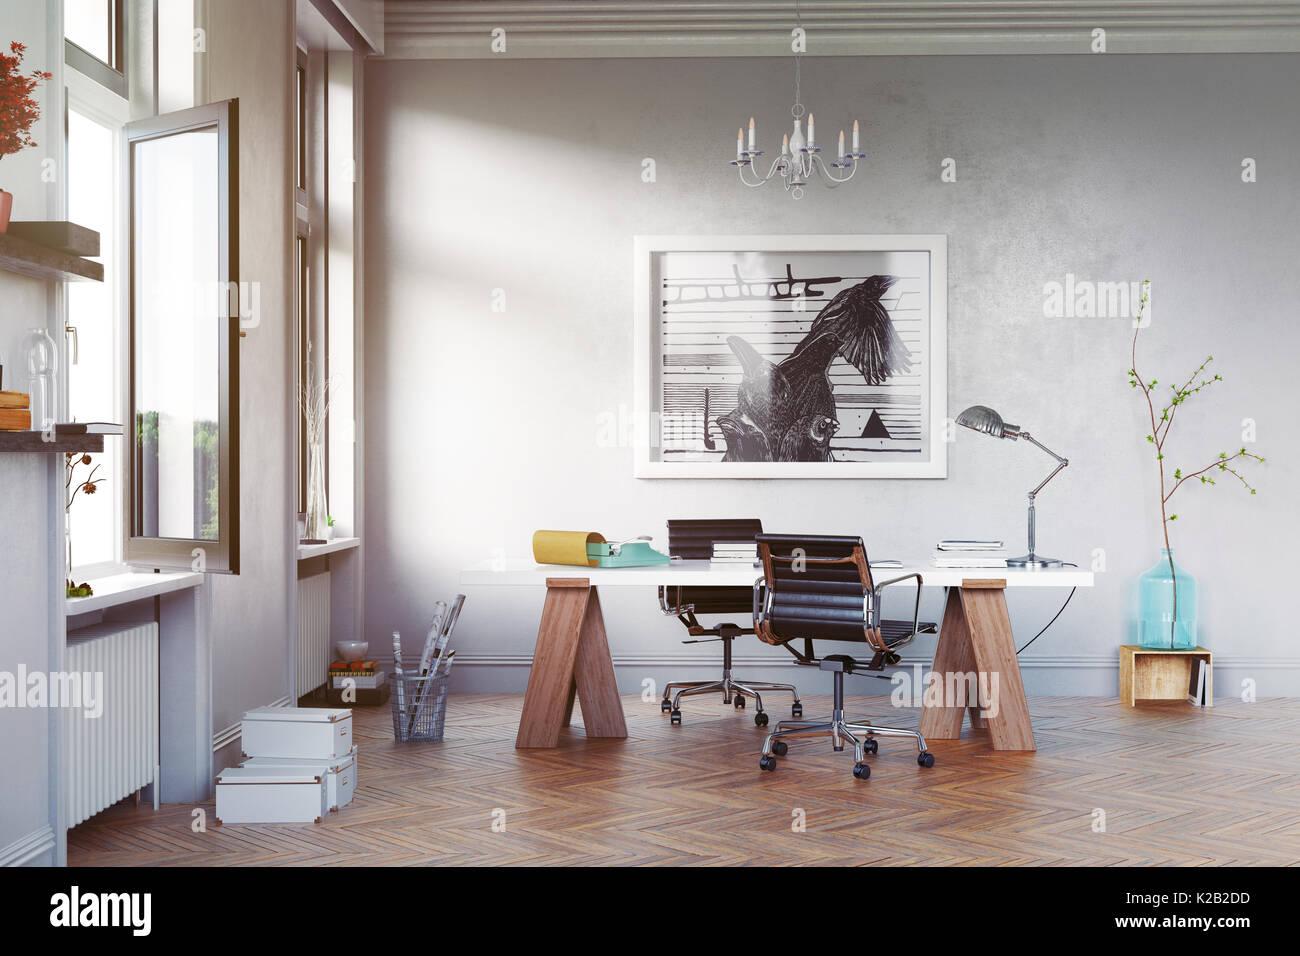 Salle d'étude moderne avec table et fauteuils. Concept 3D Rendering Banque D'Images